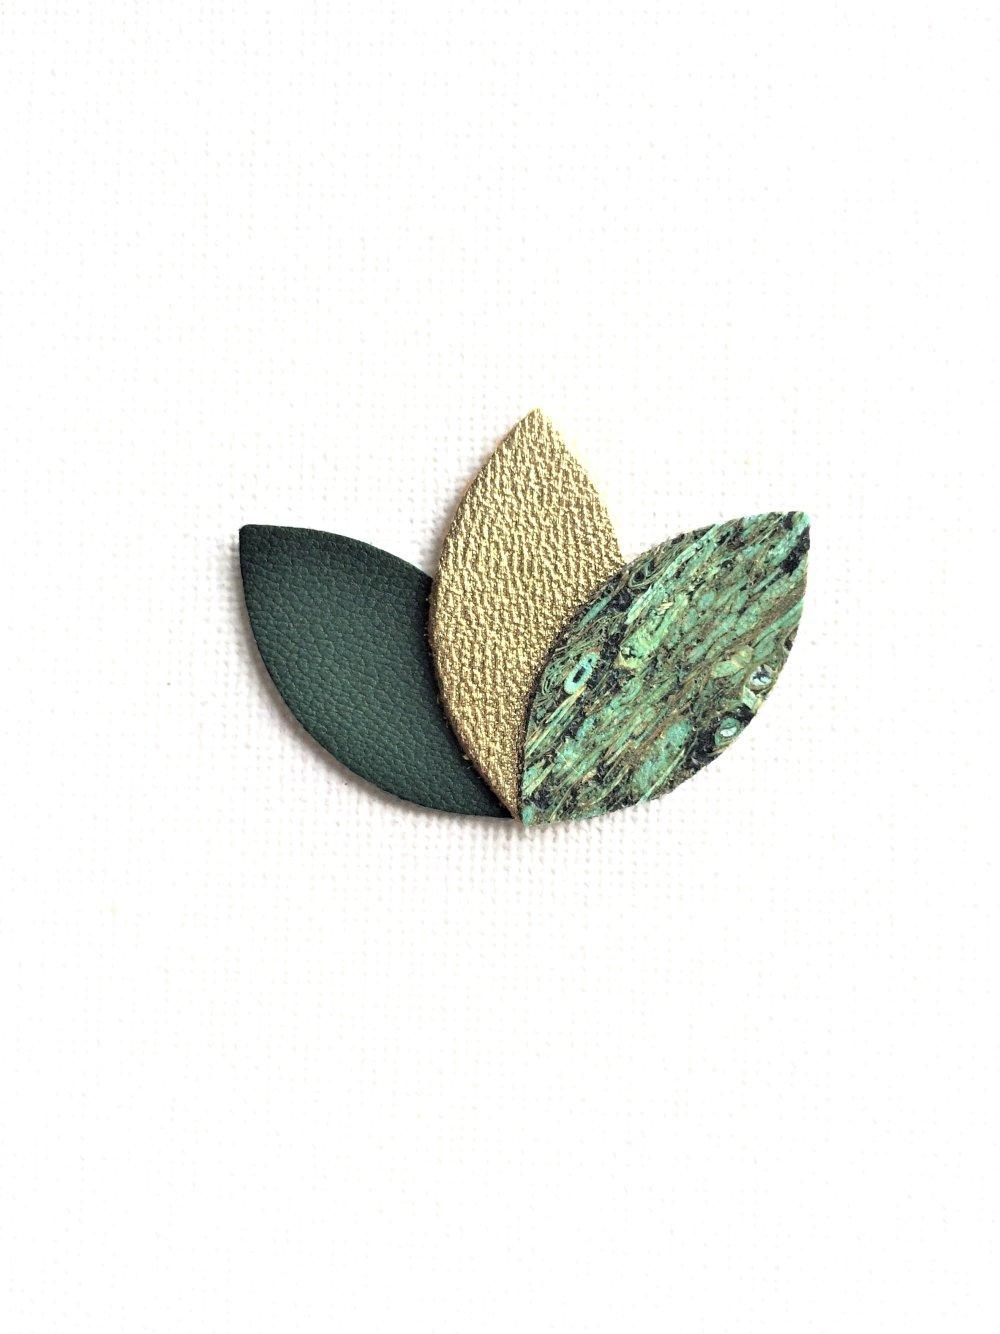 Broche, pétale, en cuir, grand modèle, vert foncé, doré, cuir de paille, plume de paon, mariage, fleur, fantaisie, fait main, mode